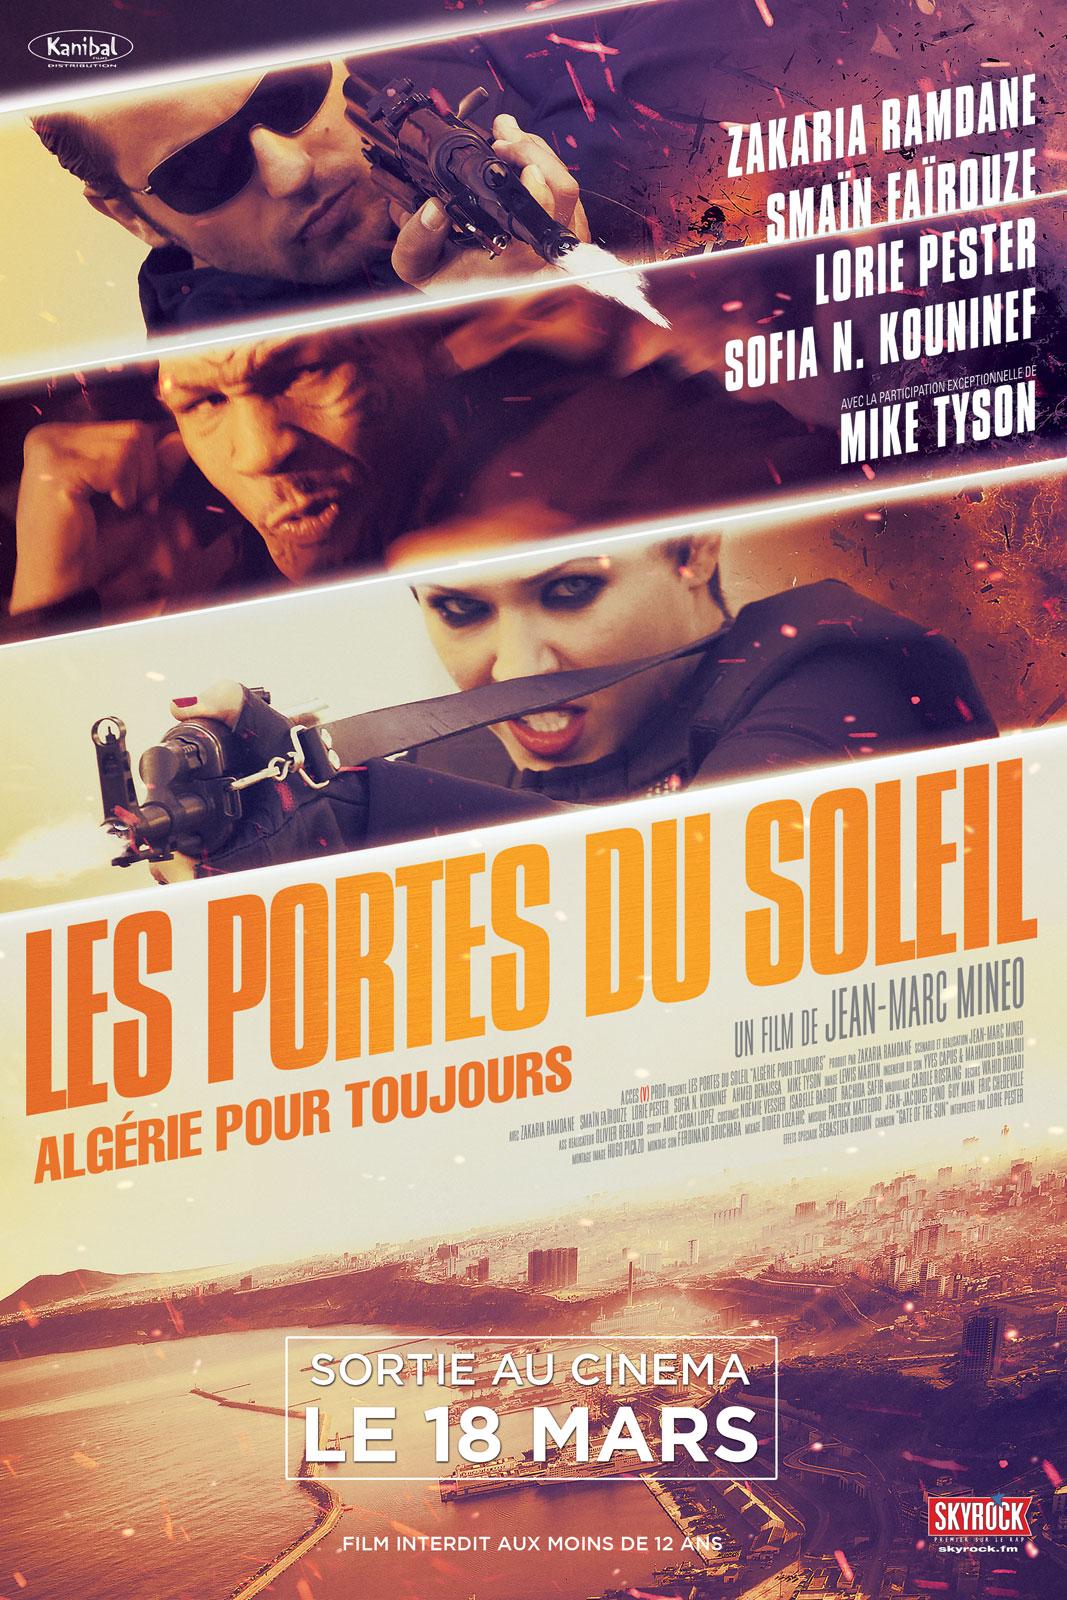 Les Portes du soleil Algérie pour toujours